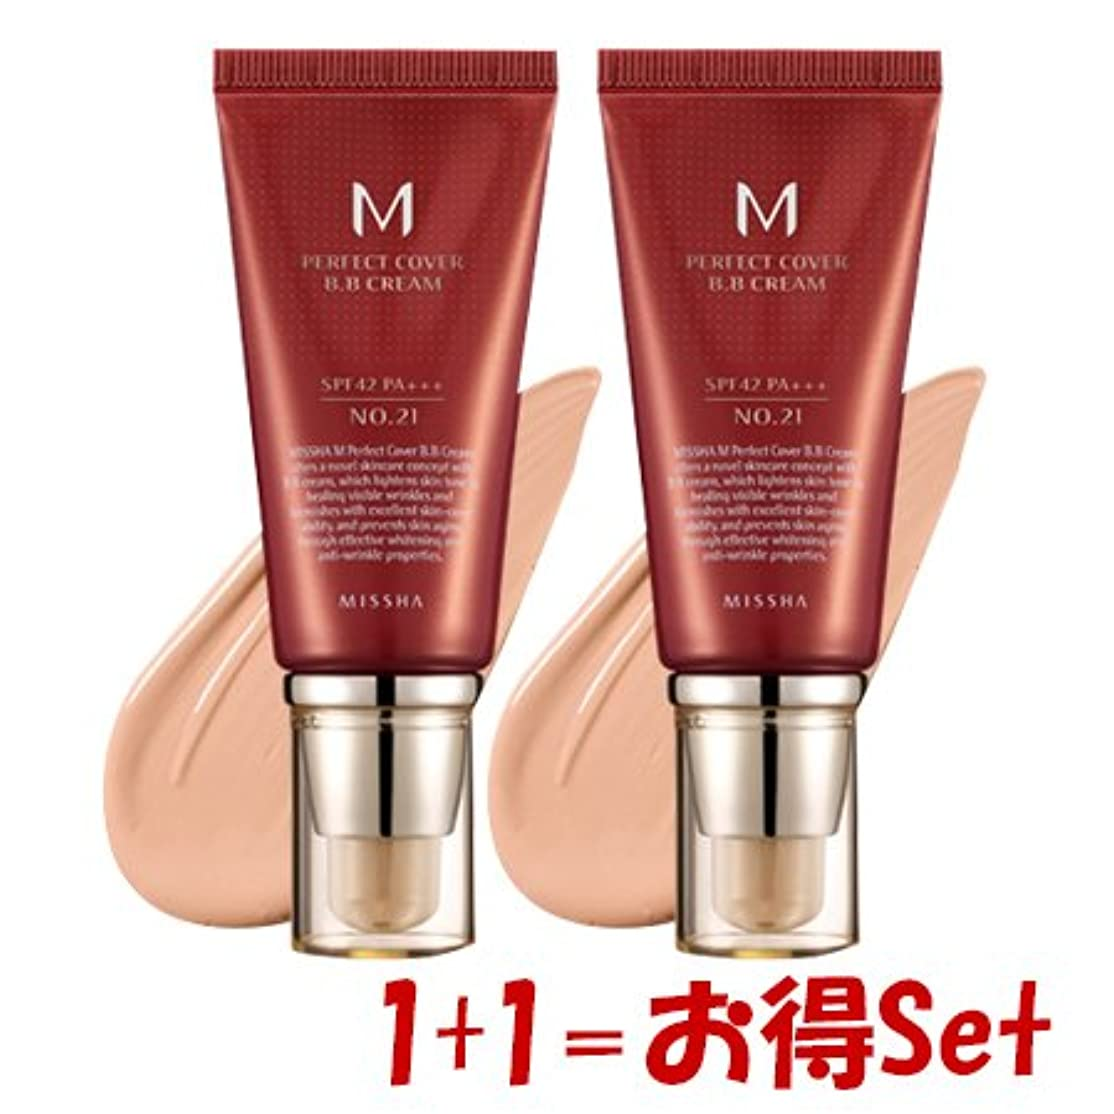 早熟からかうコンピューターMISSHA(ミシャ) M Perfect Cover パーフェクトカバーBBクリーム 21号+ 21号(1+1=Set) [並行輸入品]